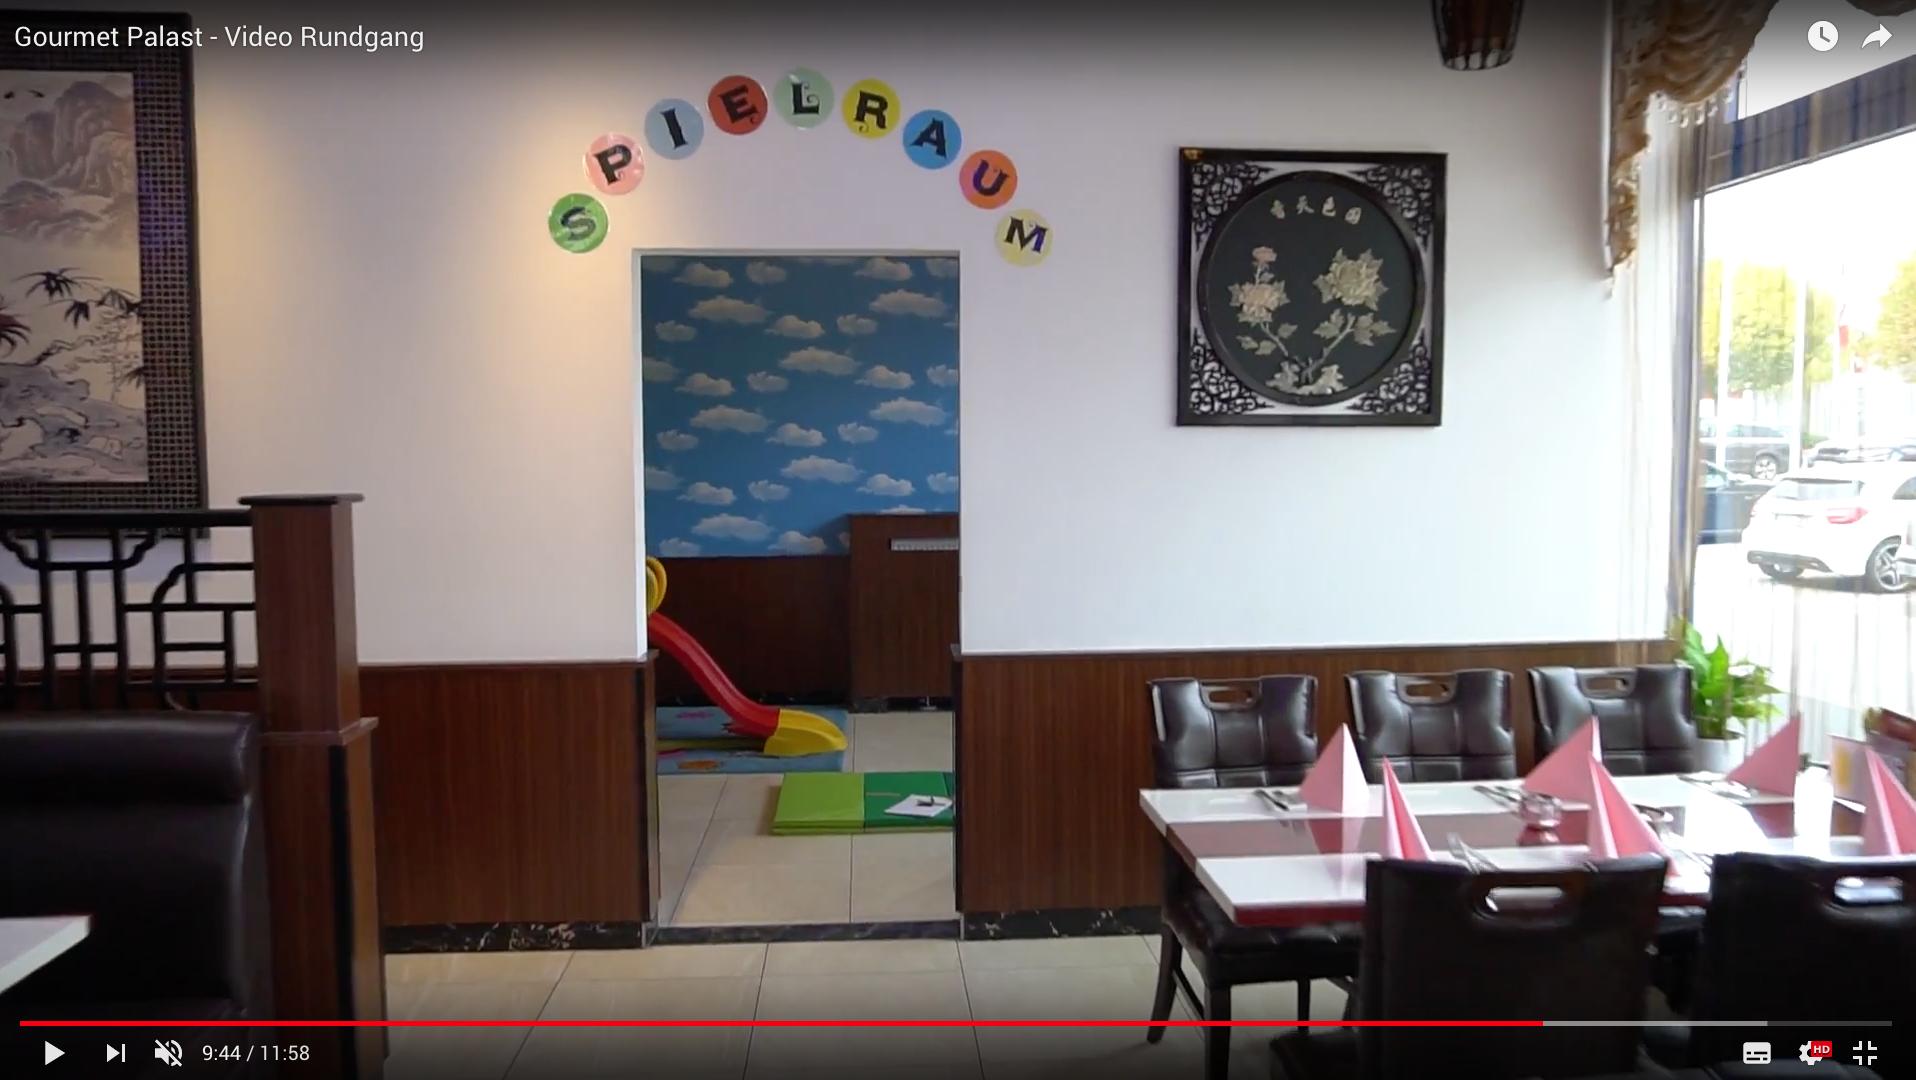 2017 Gourmet Palast - Video Rundgang Spielraum _MSM_MEDIEN_SAAR_MOSEL_SAARLAND_FERNSEHEN_1_ED_SAAR